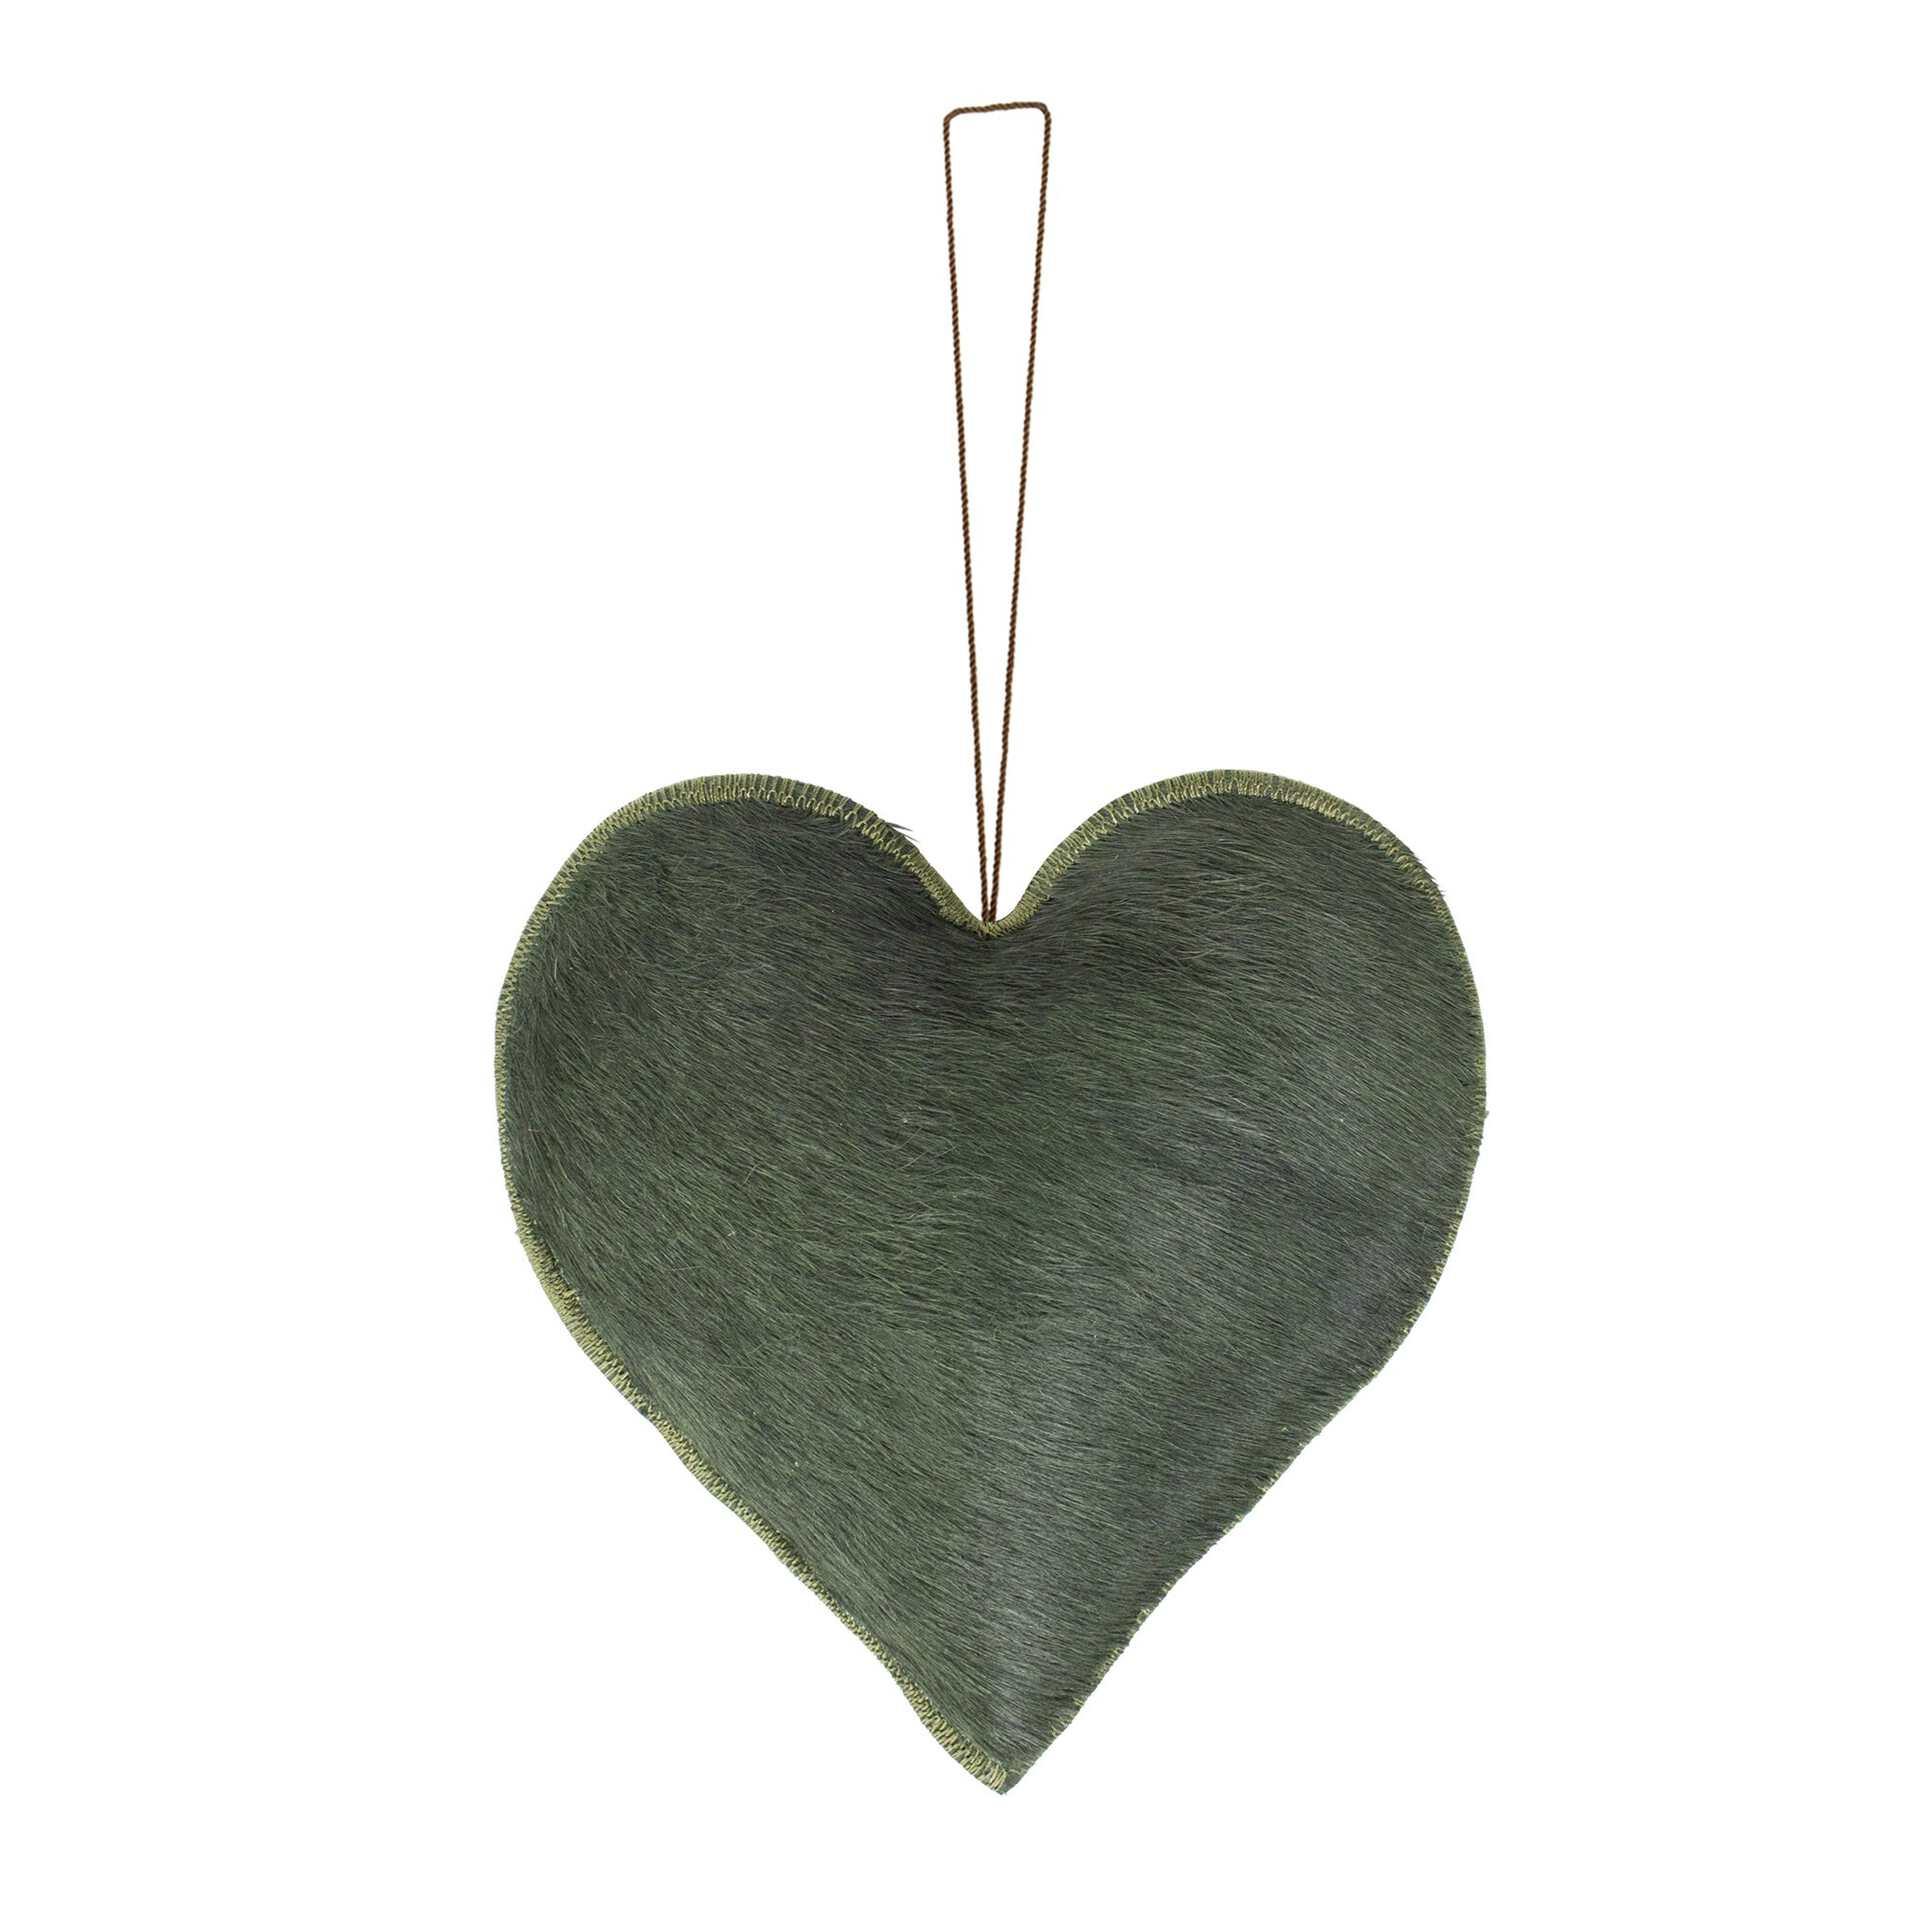 Snugg Mars_More_koriste roikkuva vihreä sydän